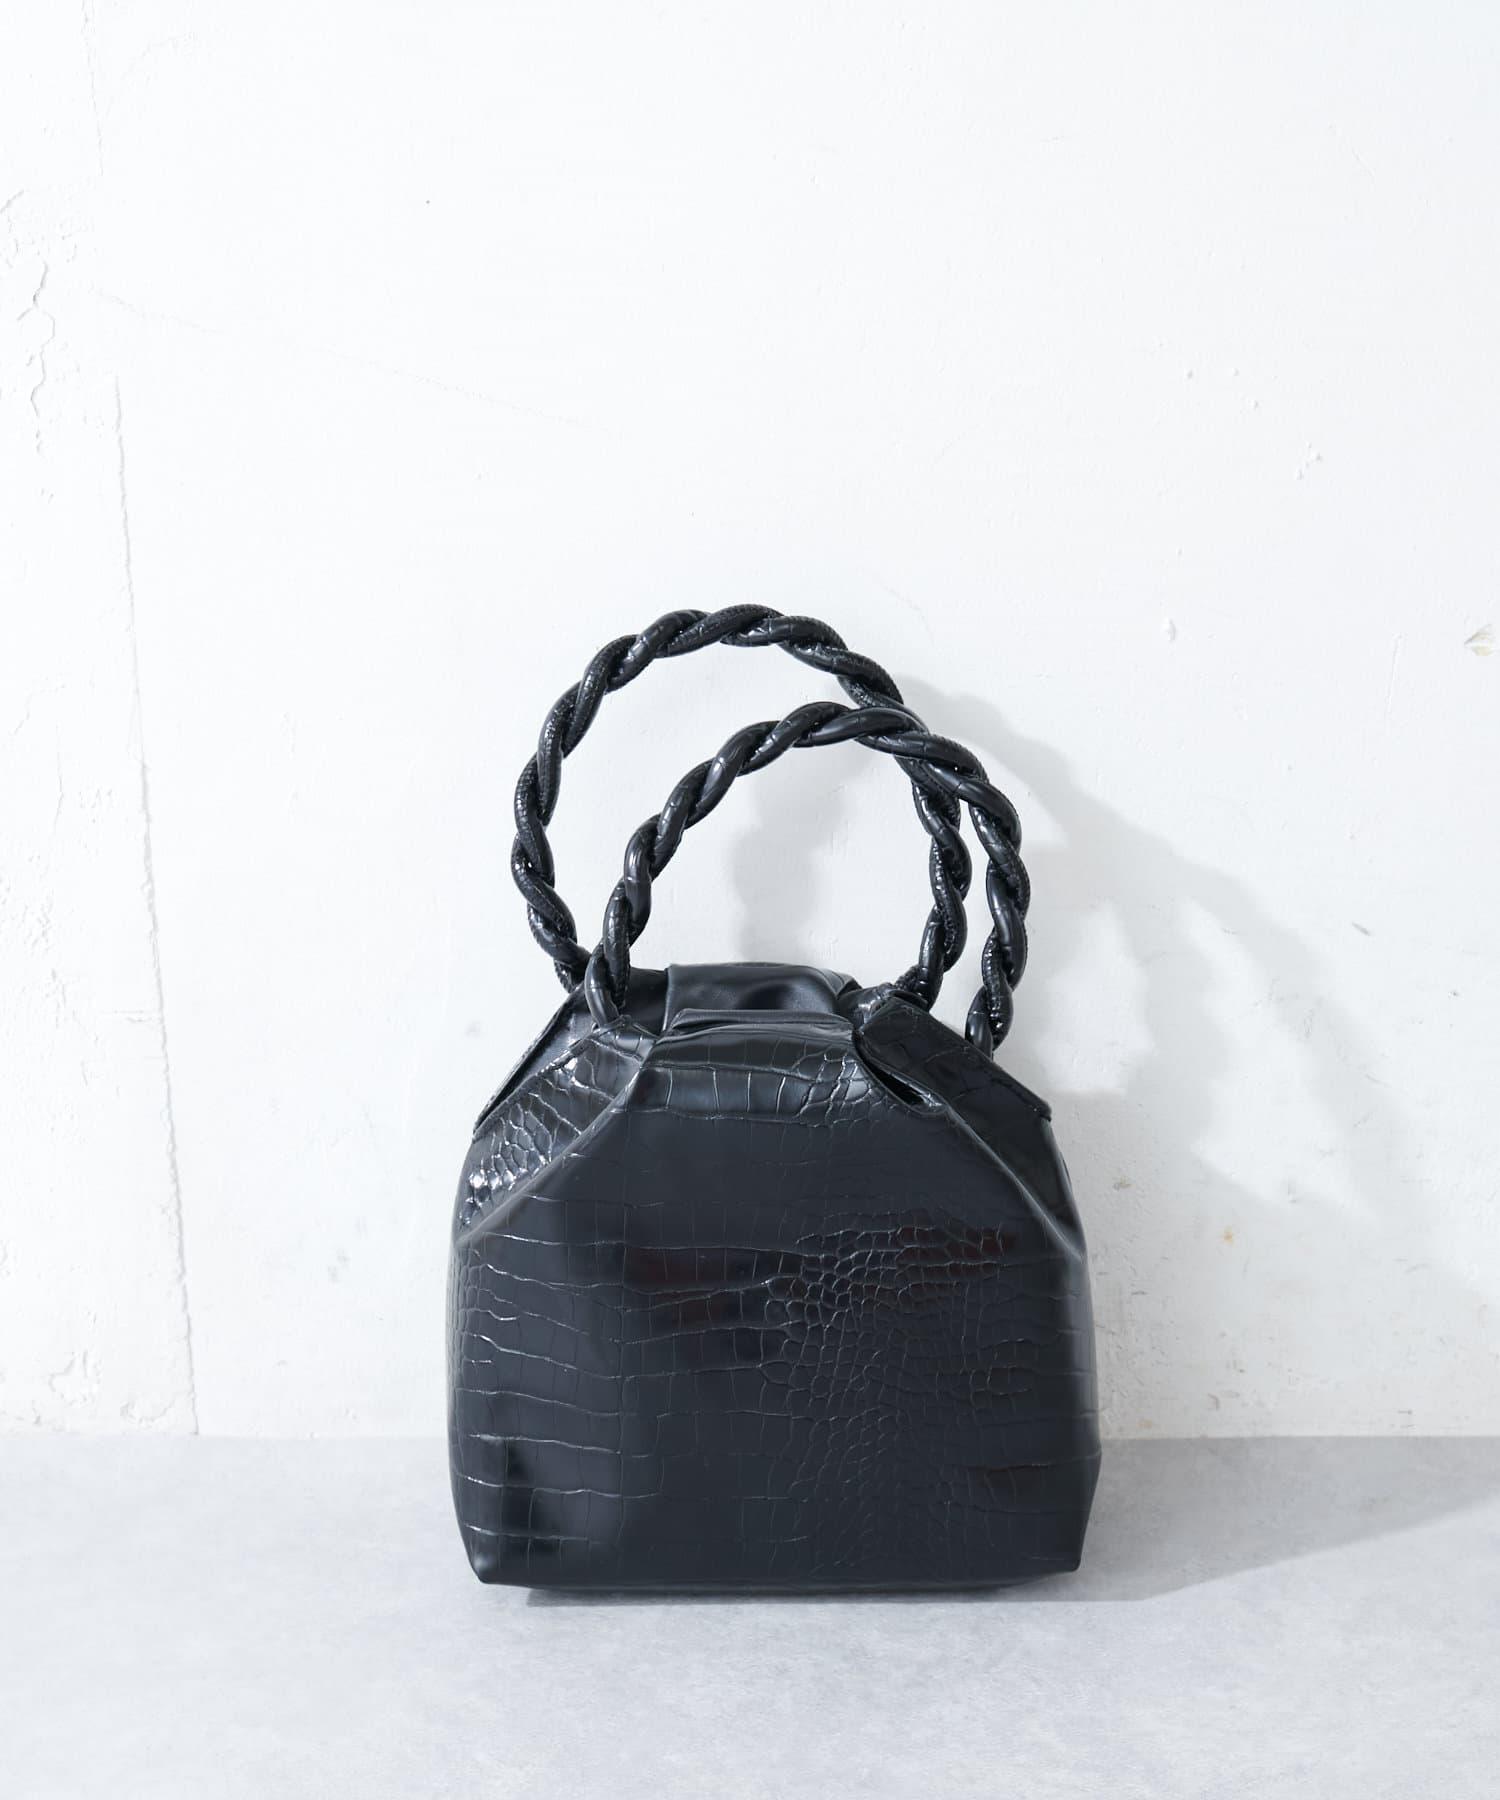 Discoat(ディスコート) 【Casselini/キャセリーニ】カラフルパイソンハンドバッグ